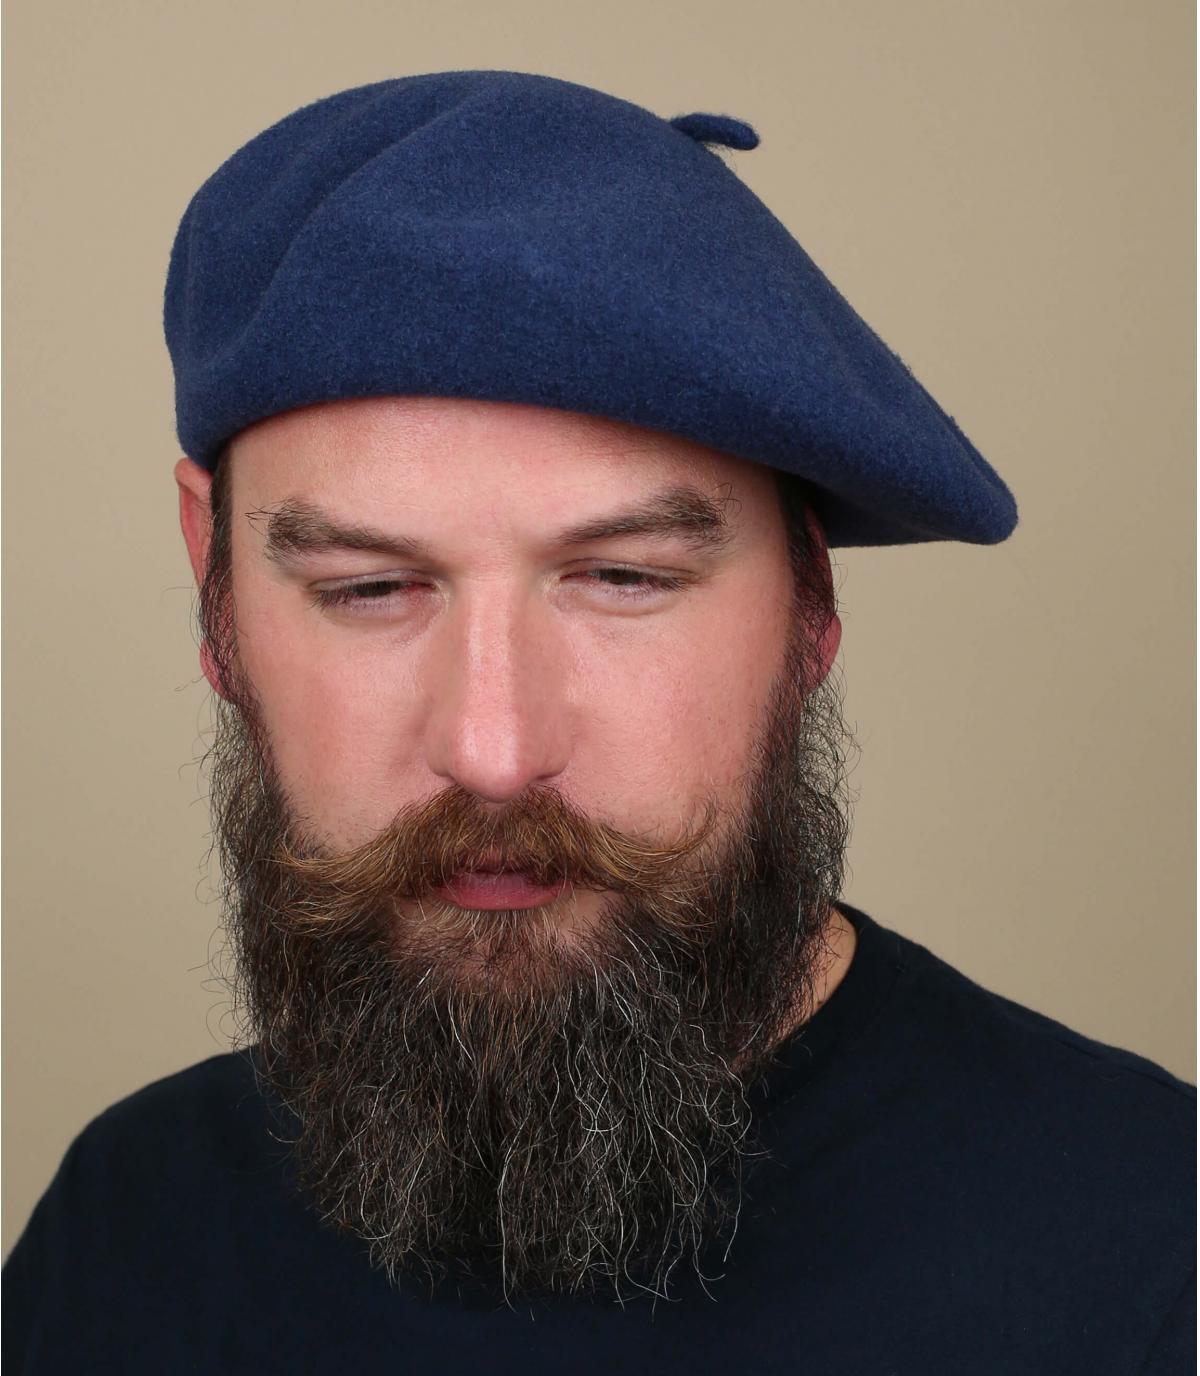 Denim franse baret